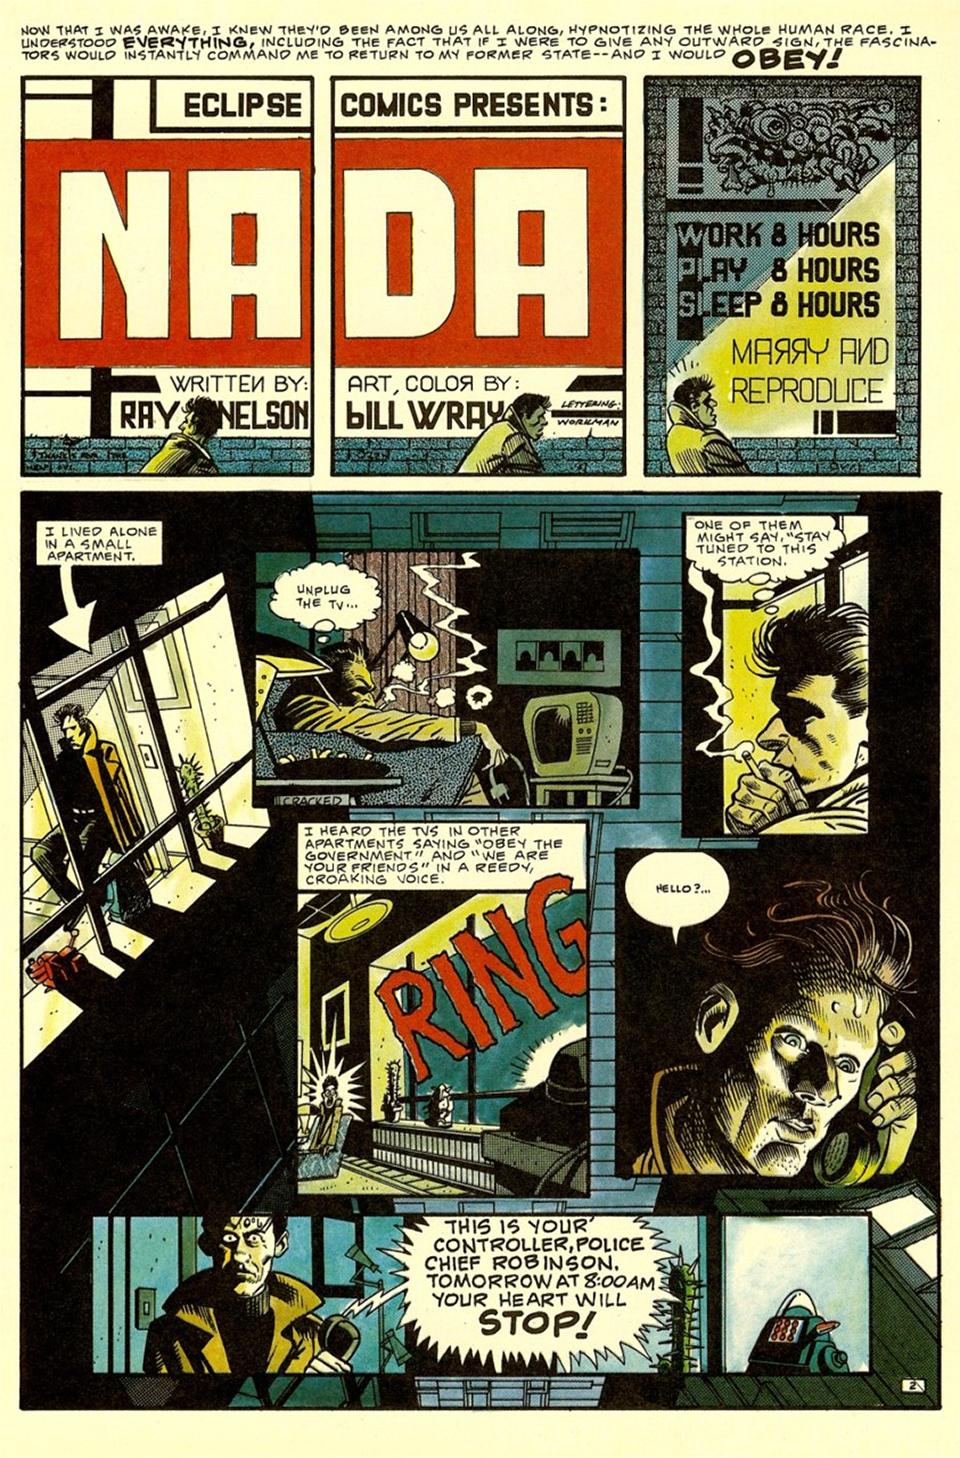 SAP Comics: Nada